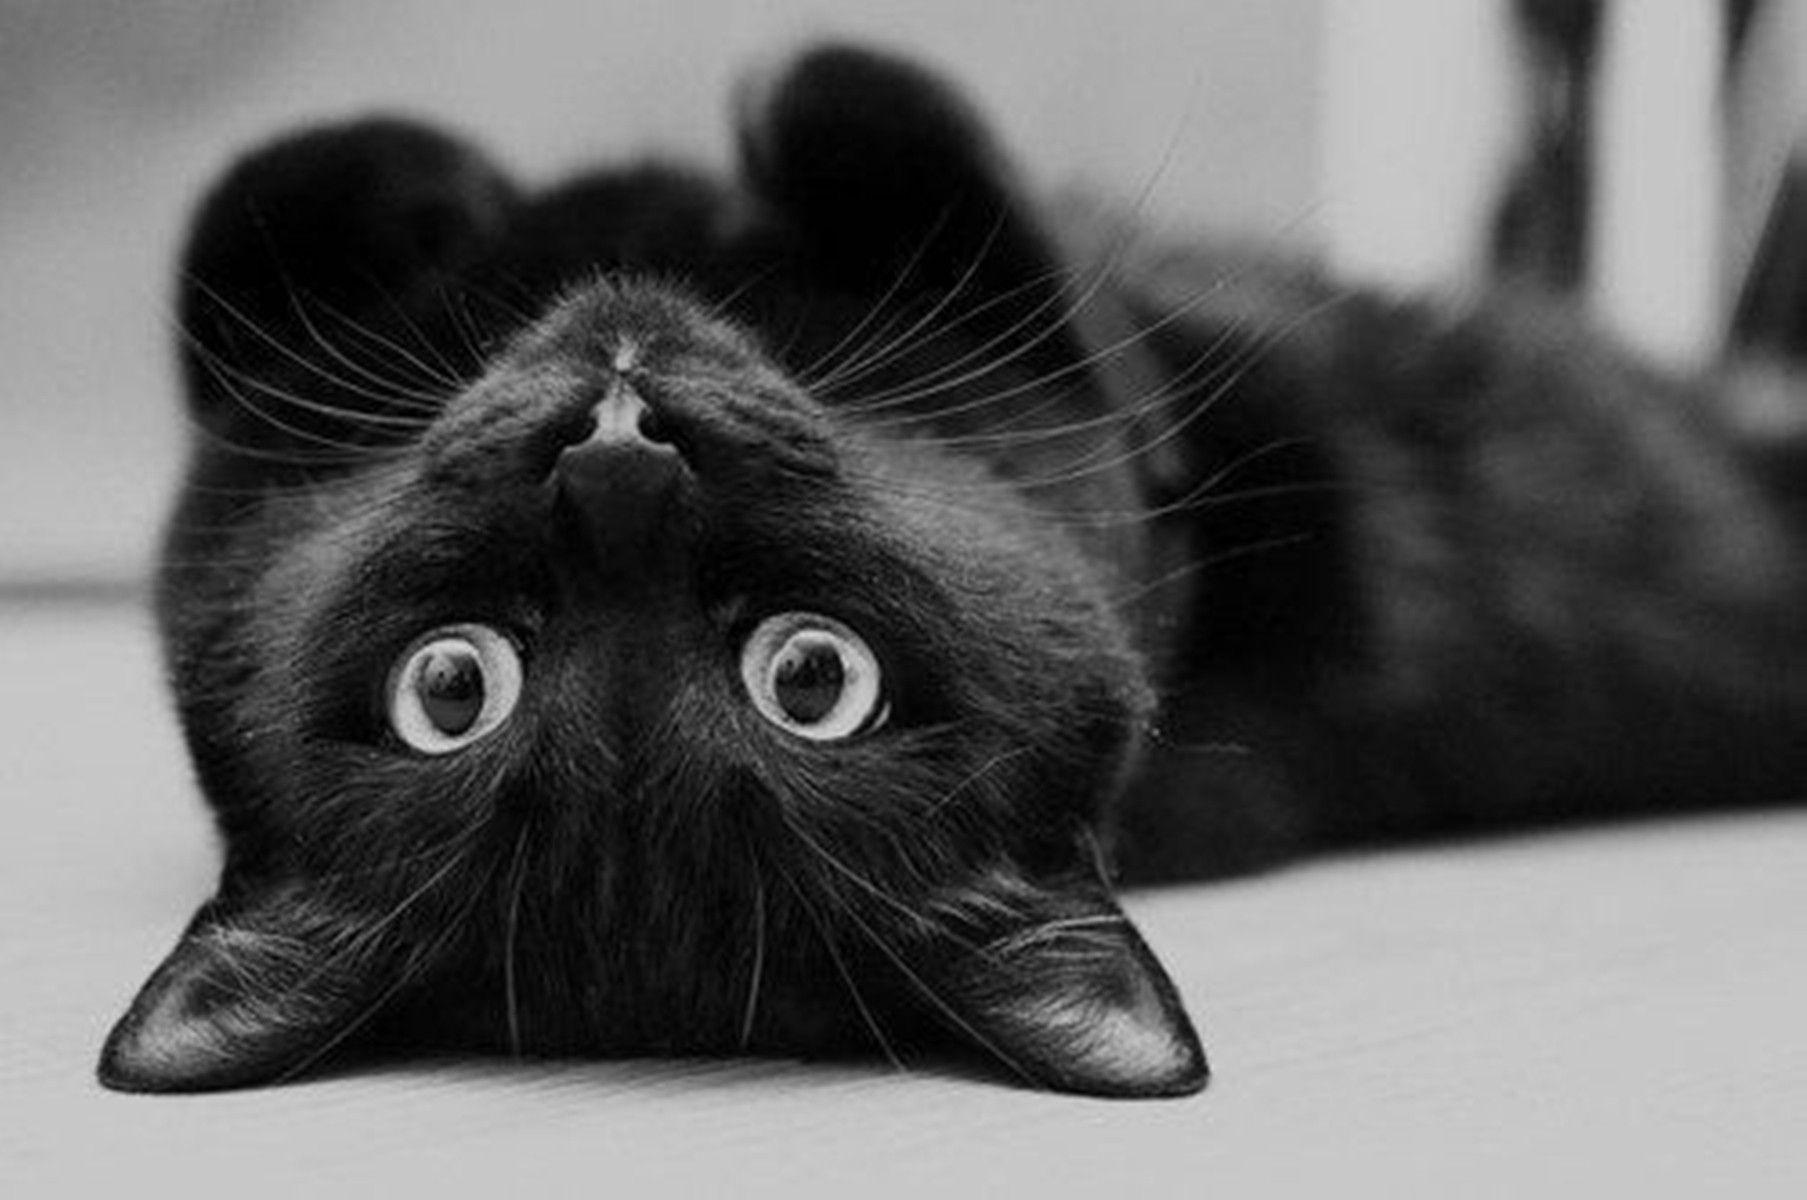 Cute Black Wallpapers Wallpaper Cave Cats Cute Animals Black Cat